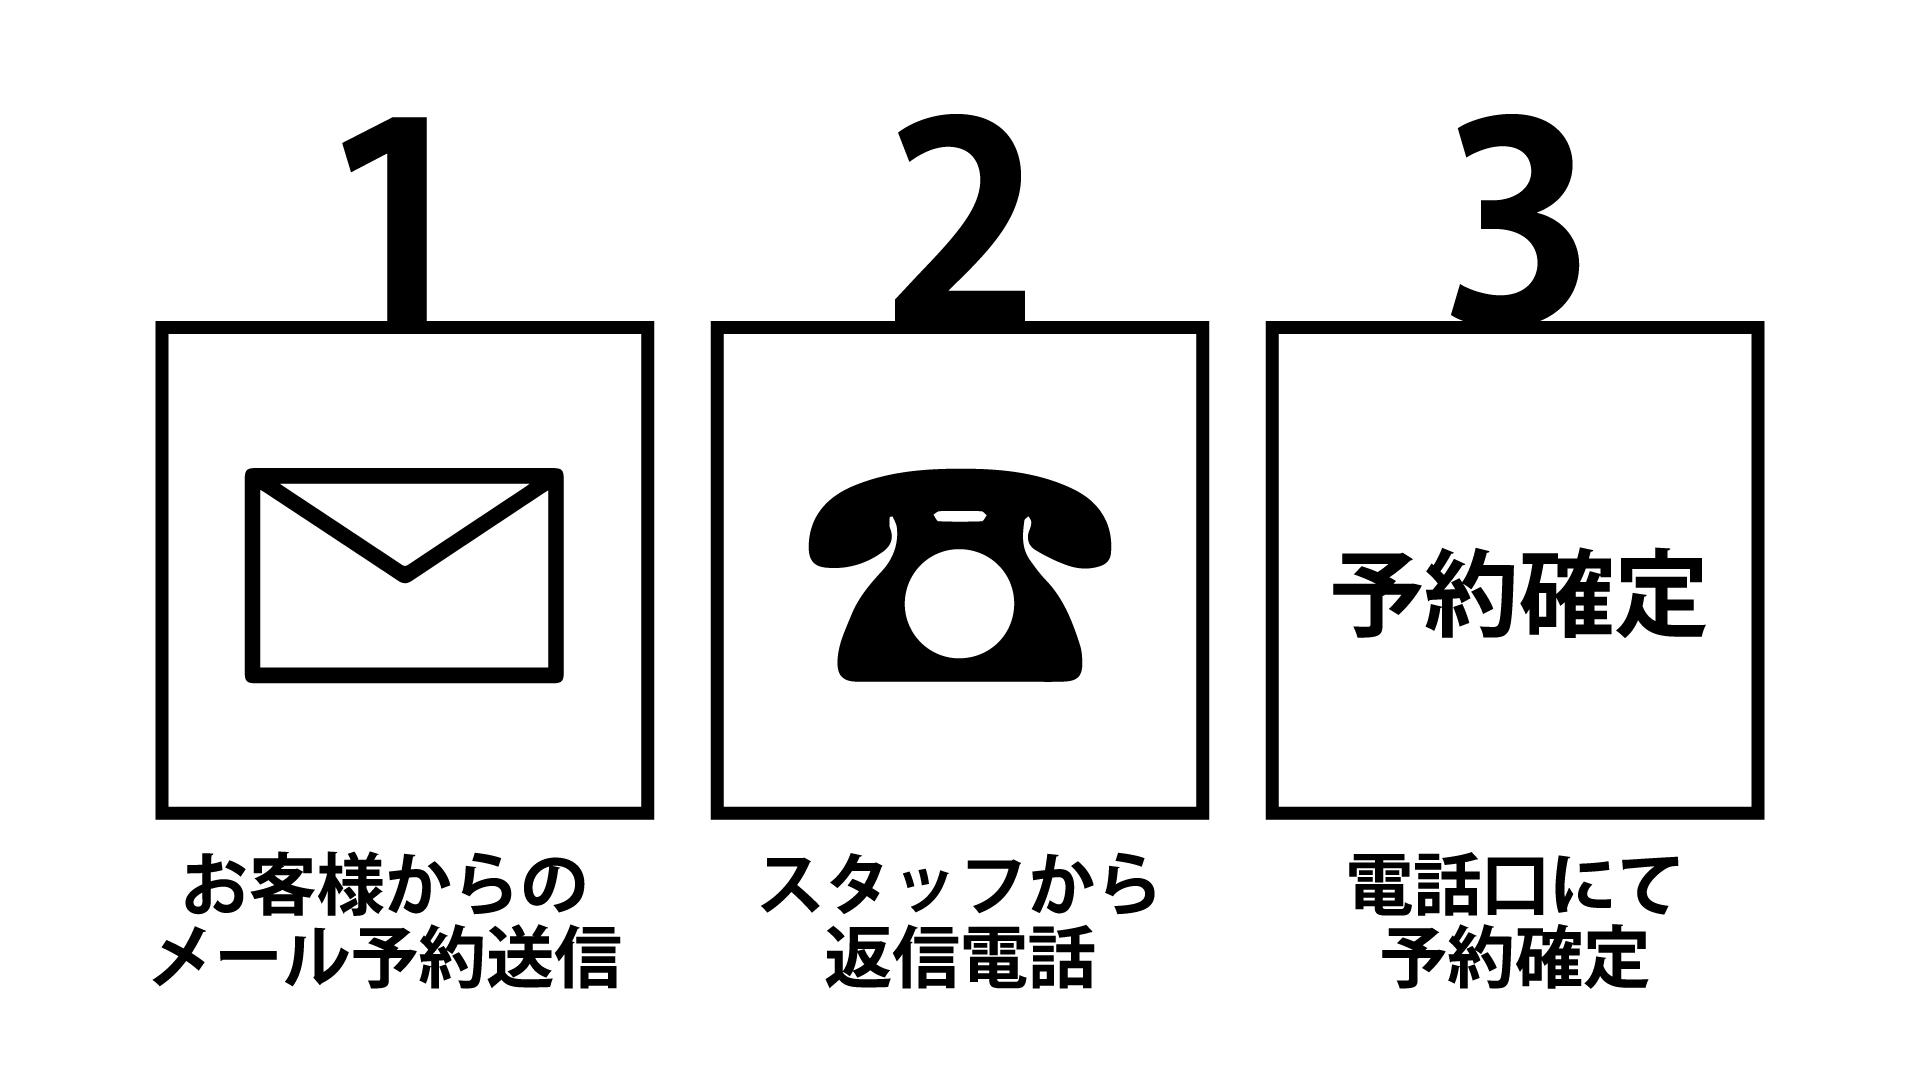 1.お客様からのメール予約送信 2.スタッフから返信電話 3.電話口にて予約確定